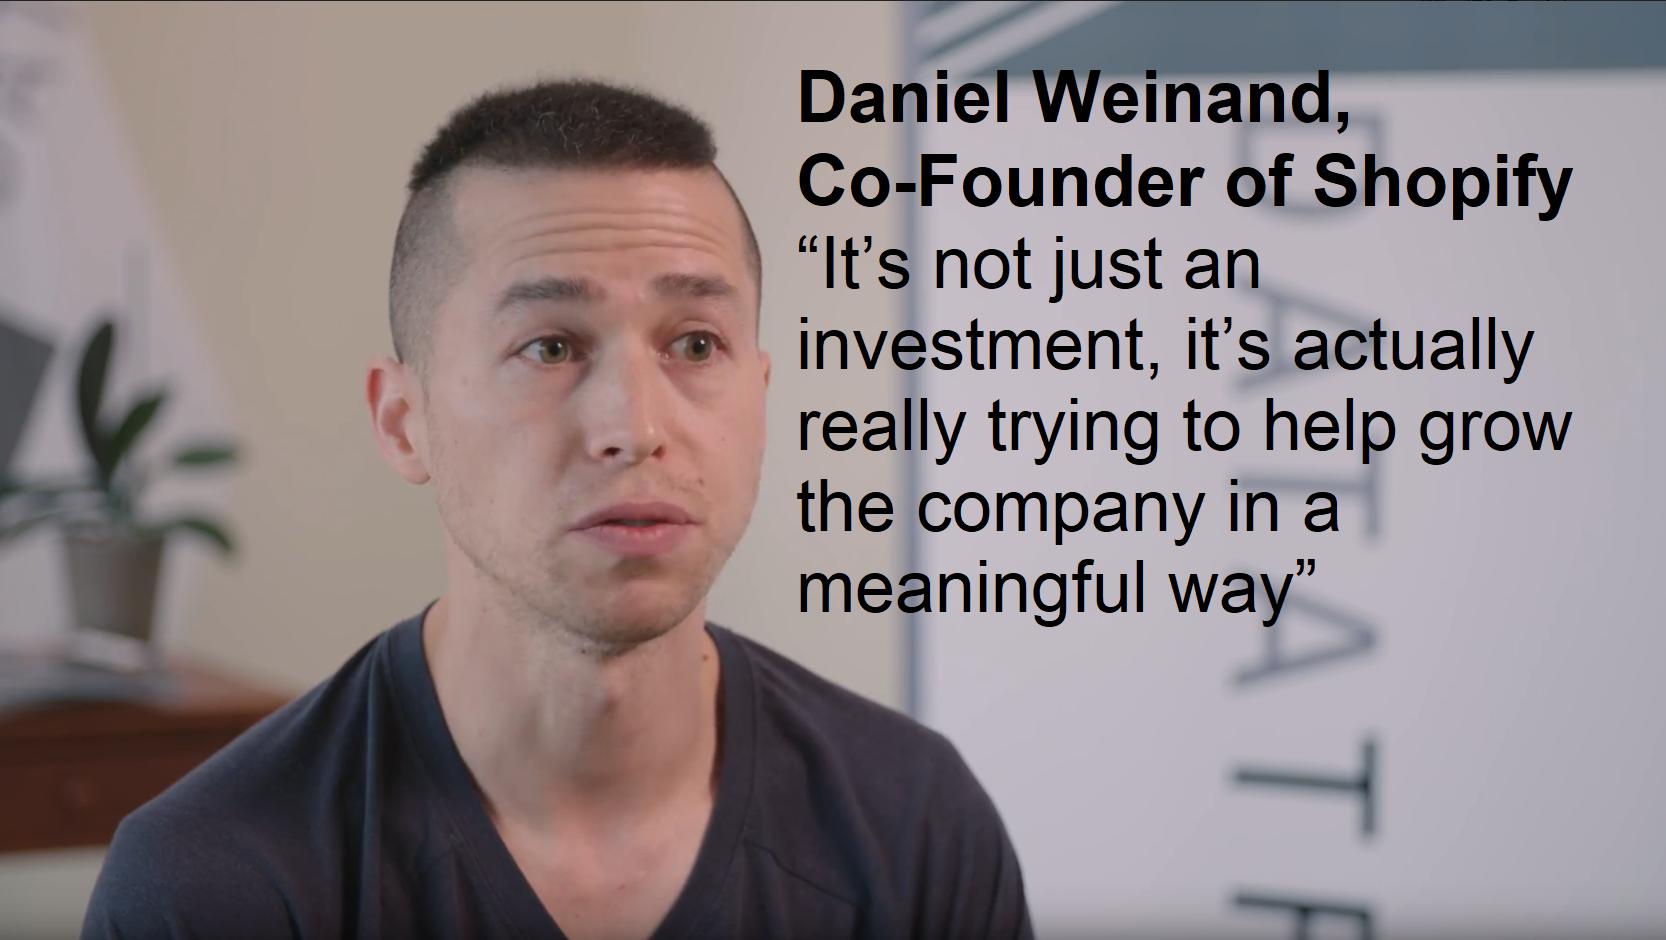 Daniel Weinand